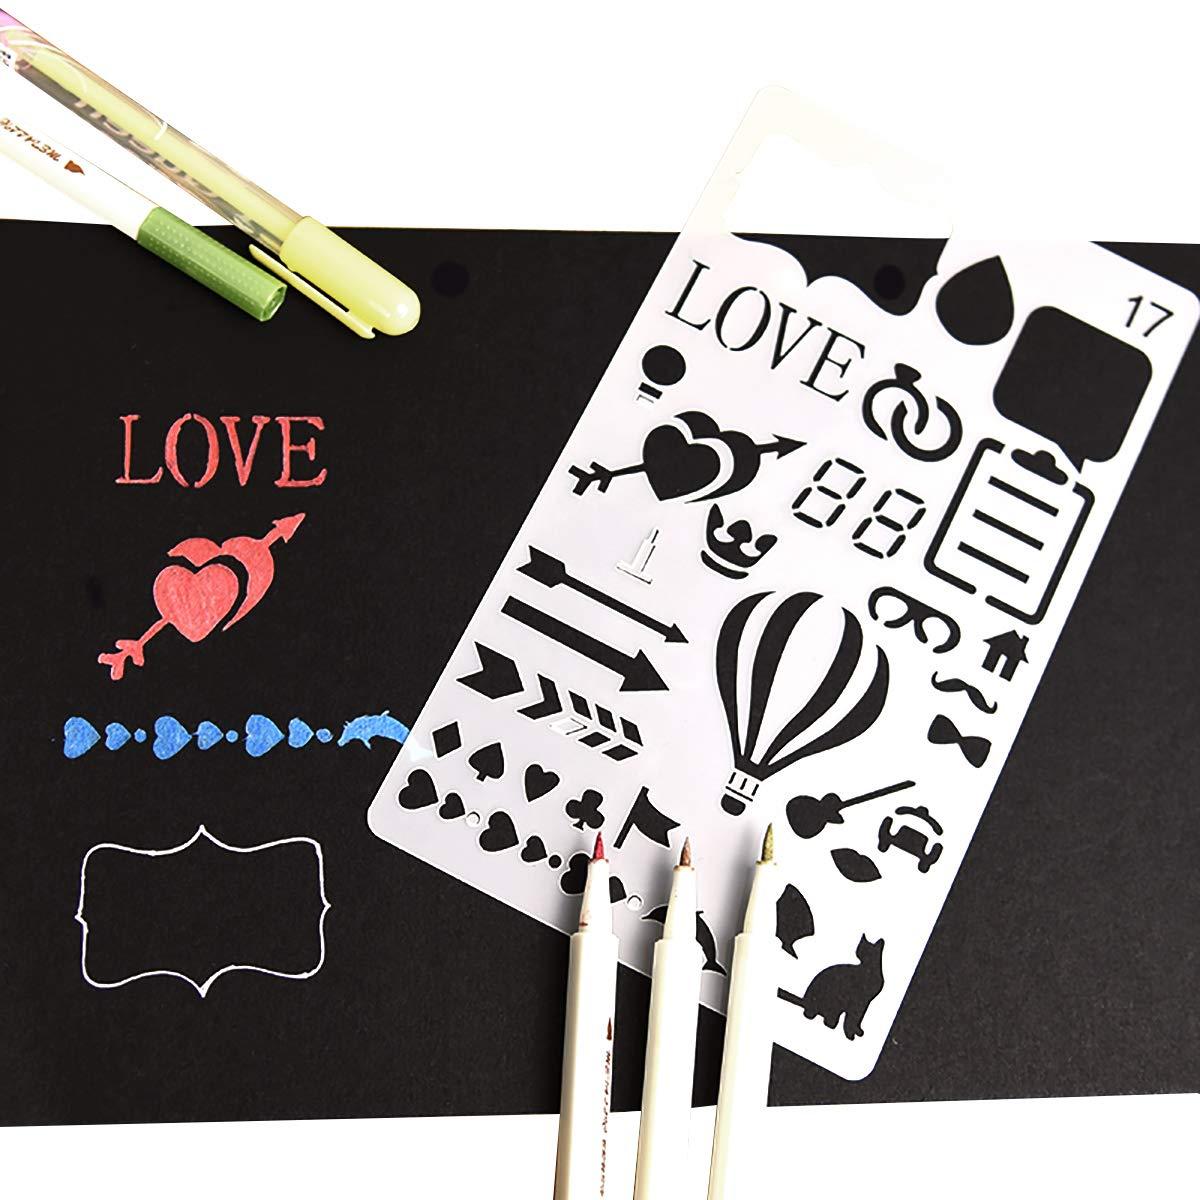 Plantillas de Dibujo Plantillas de Escala kit de Dibujo de Pl/ástico Reutilizable para Scrapbooking DIY /álbumes Tarjeta 20 Piezas